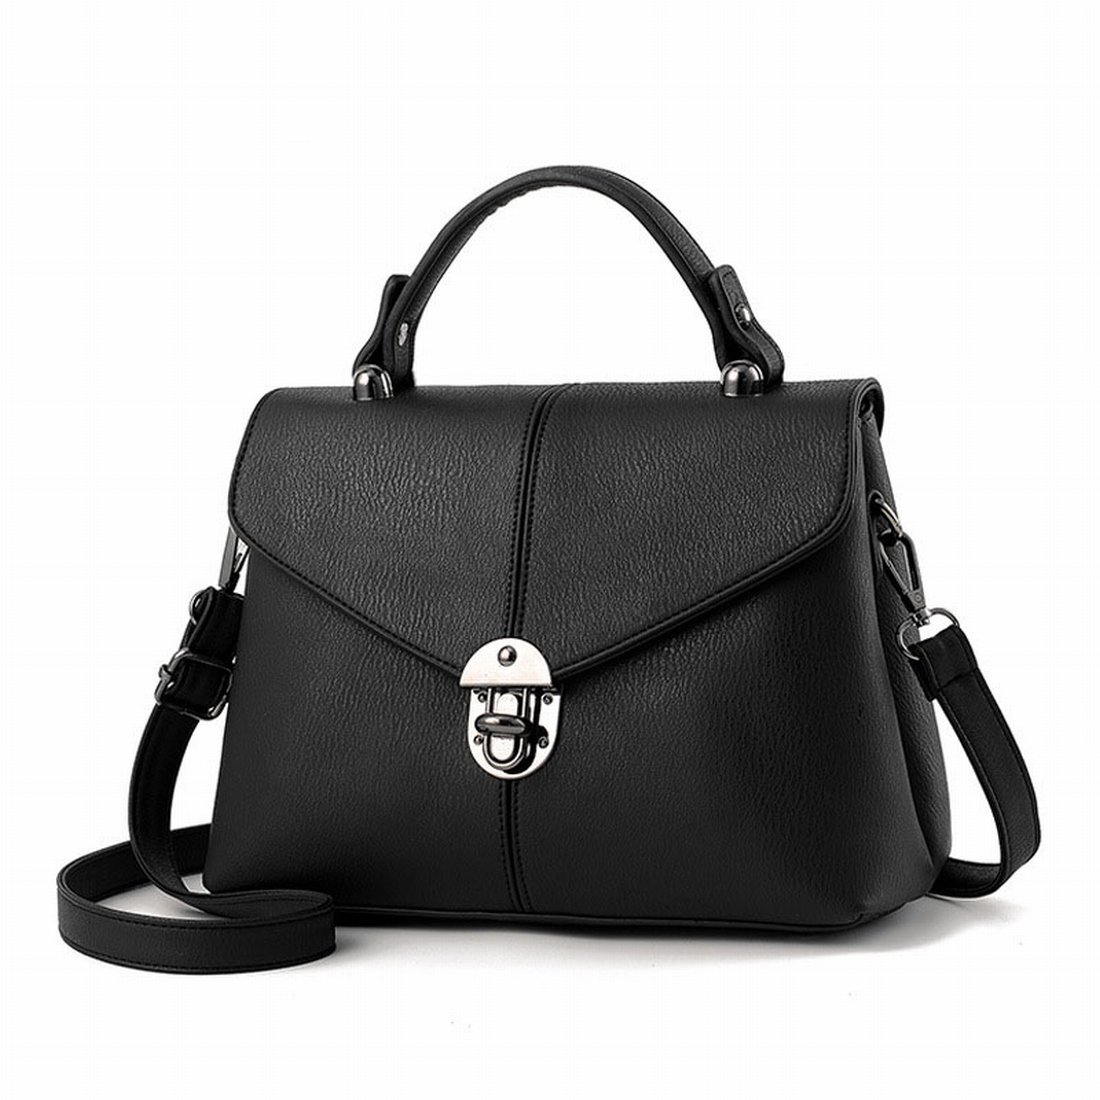 Weiblich Fashion Schulter Schulter Schulter Messenger Bag B074XN8S6K Messenger-Bags 3f6f57